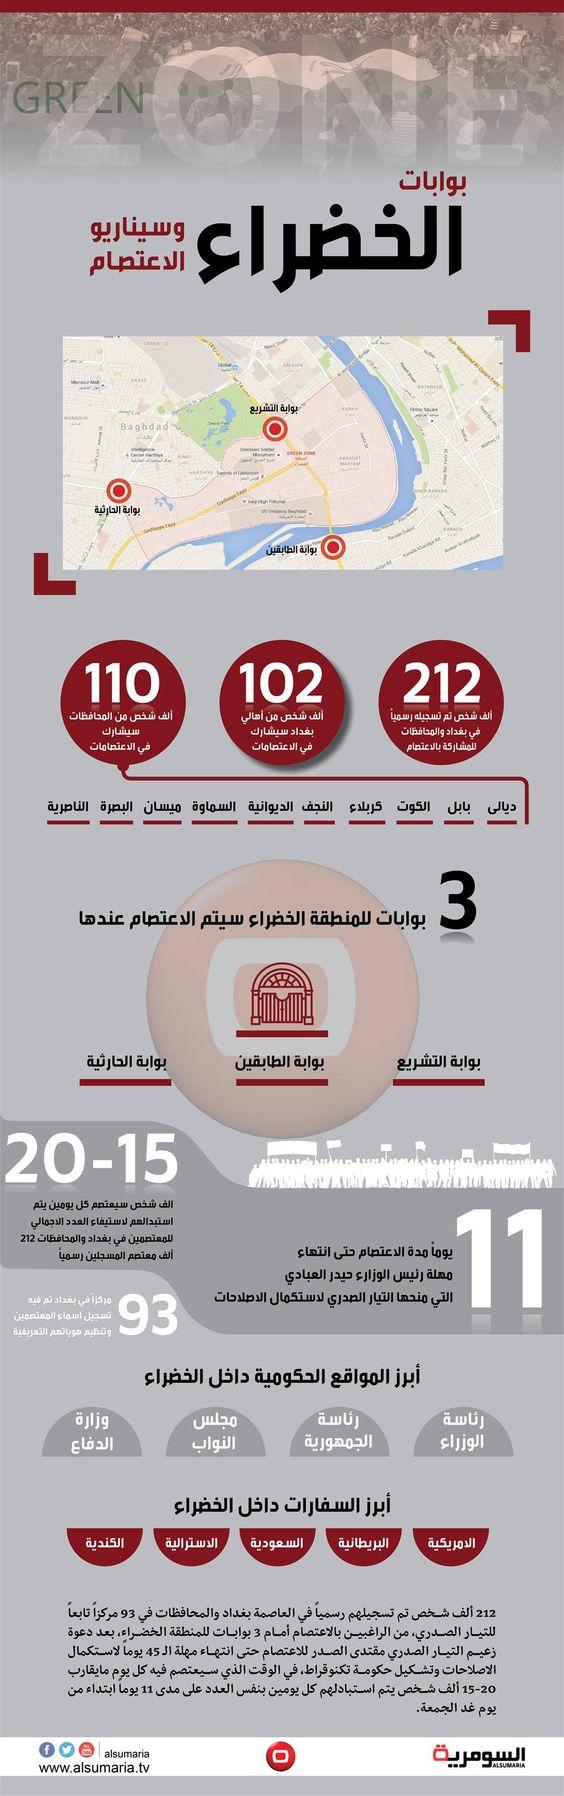 انفوغراف - سيناريو الاعتصام.. 212 ألف معتصم وسفارات محتجزة داخل الخضراء